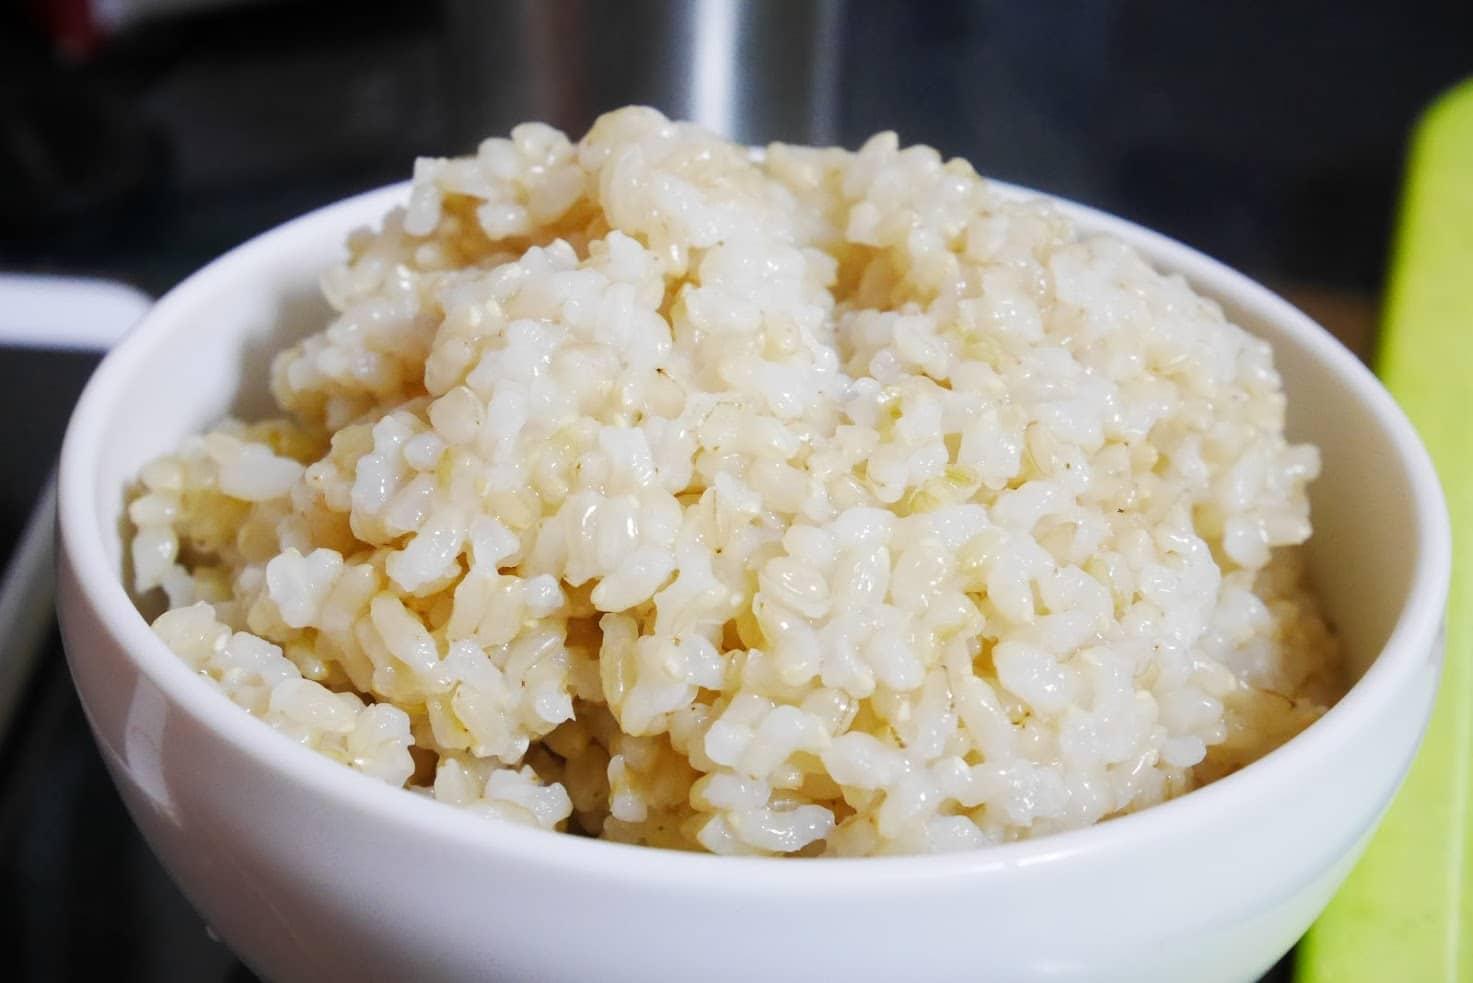 ちびくろちゃんで玄米を炊いてお茶碗によそってみた